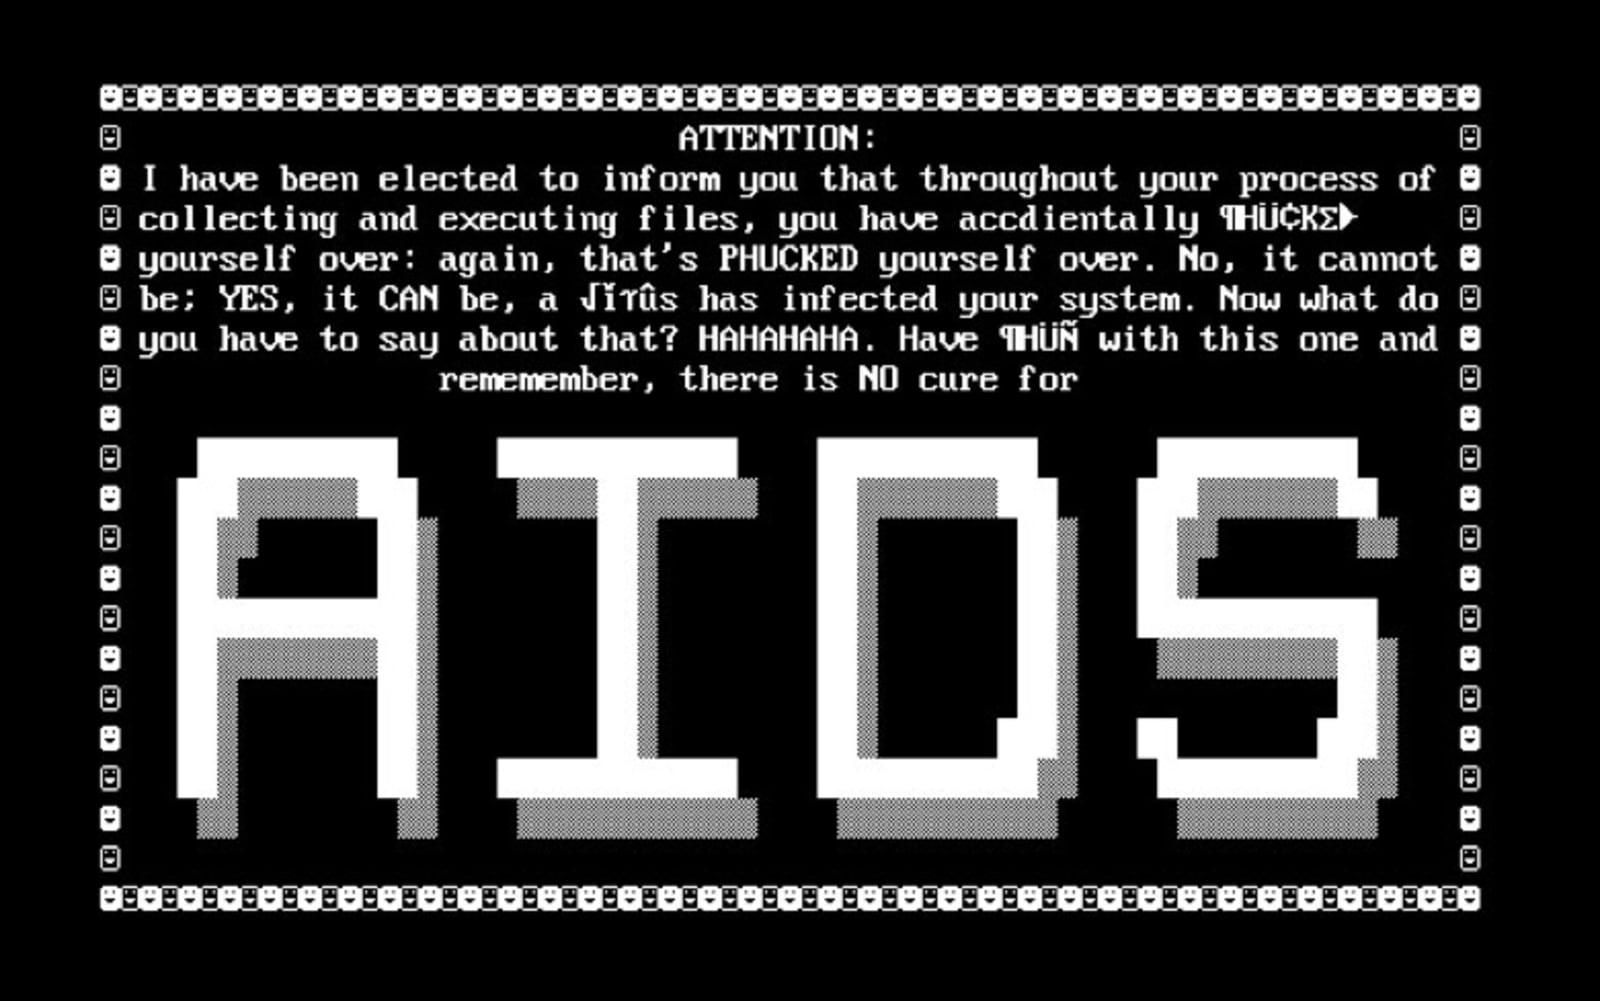 AIDS trojan